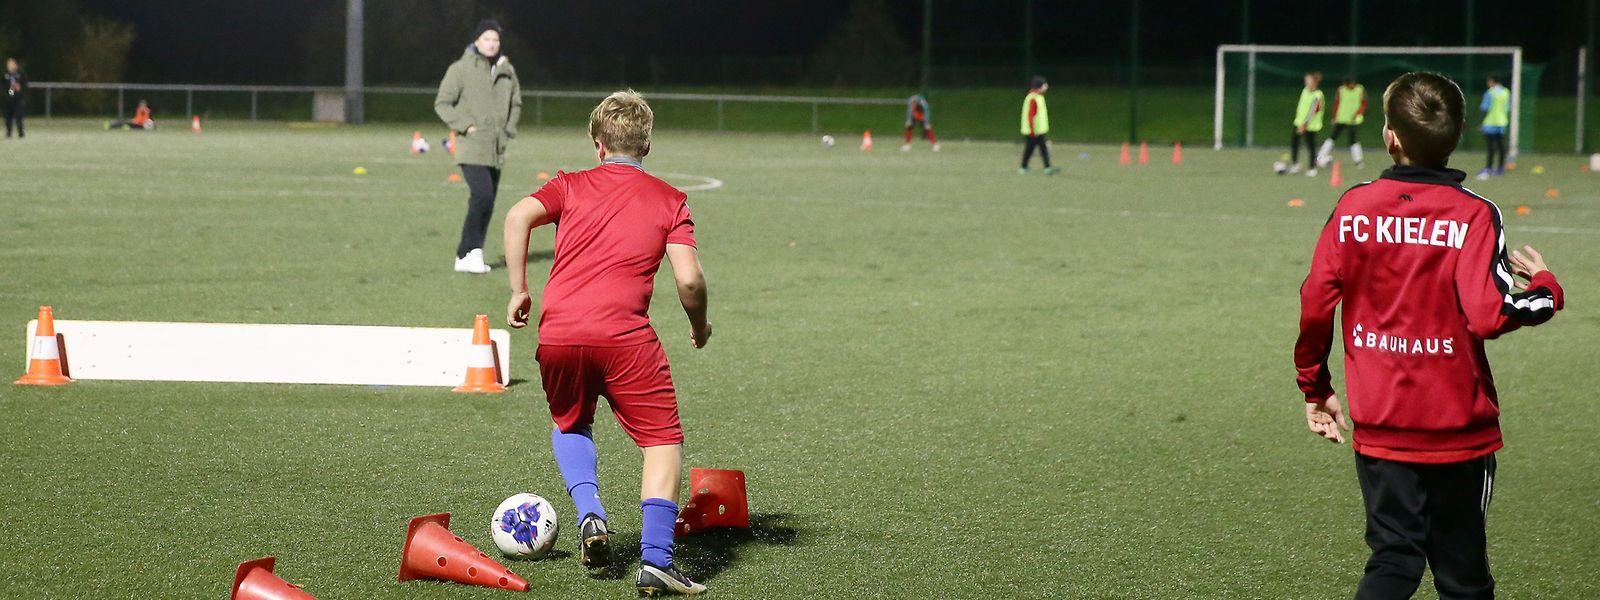 Die Nachwuchsspieler des FC Kehlen sind mit vollem Einsatz bei der Sache.